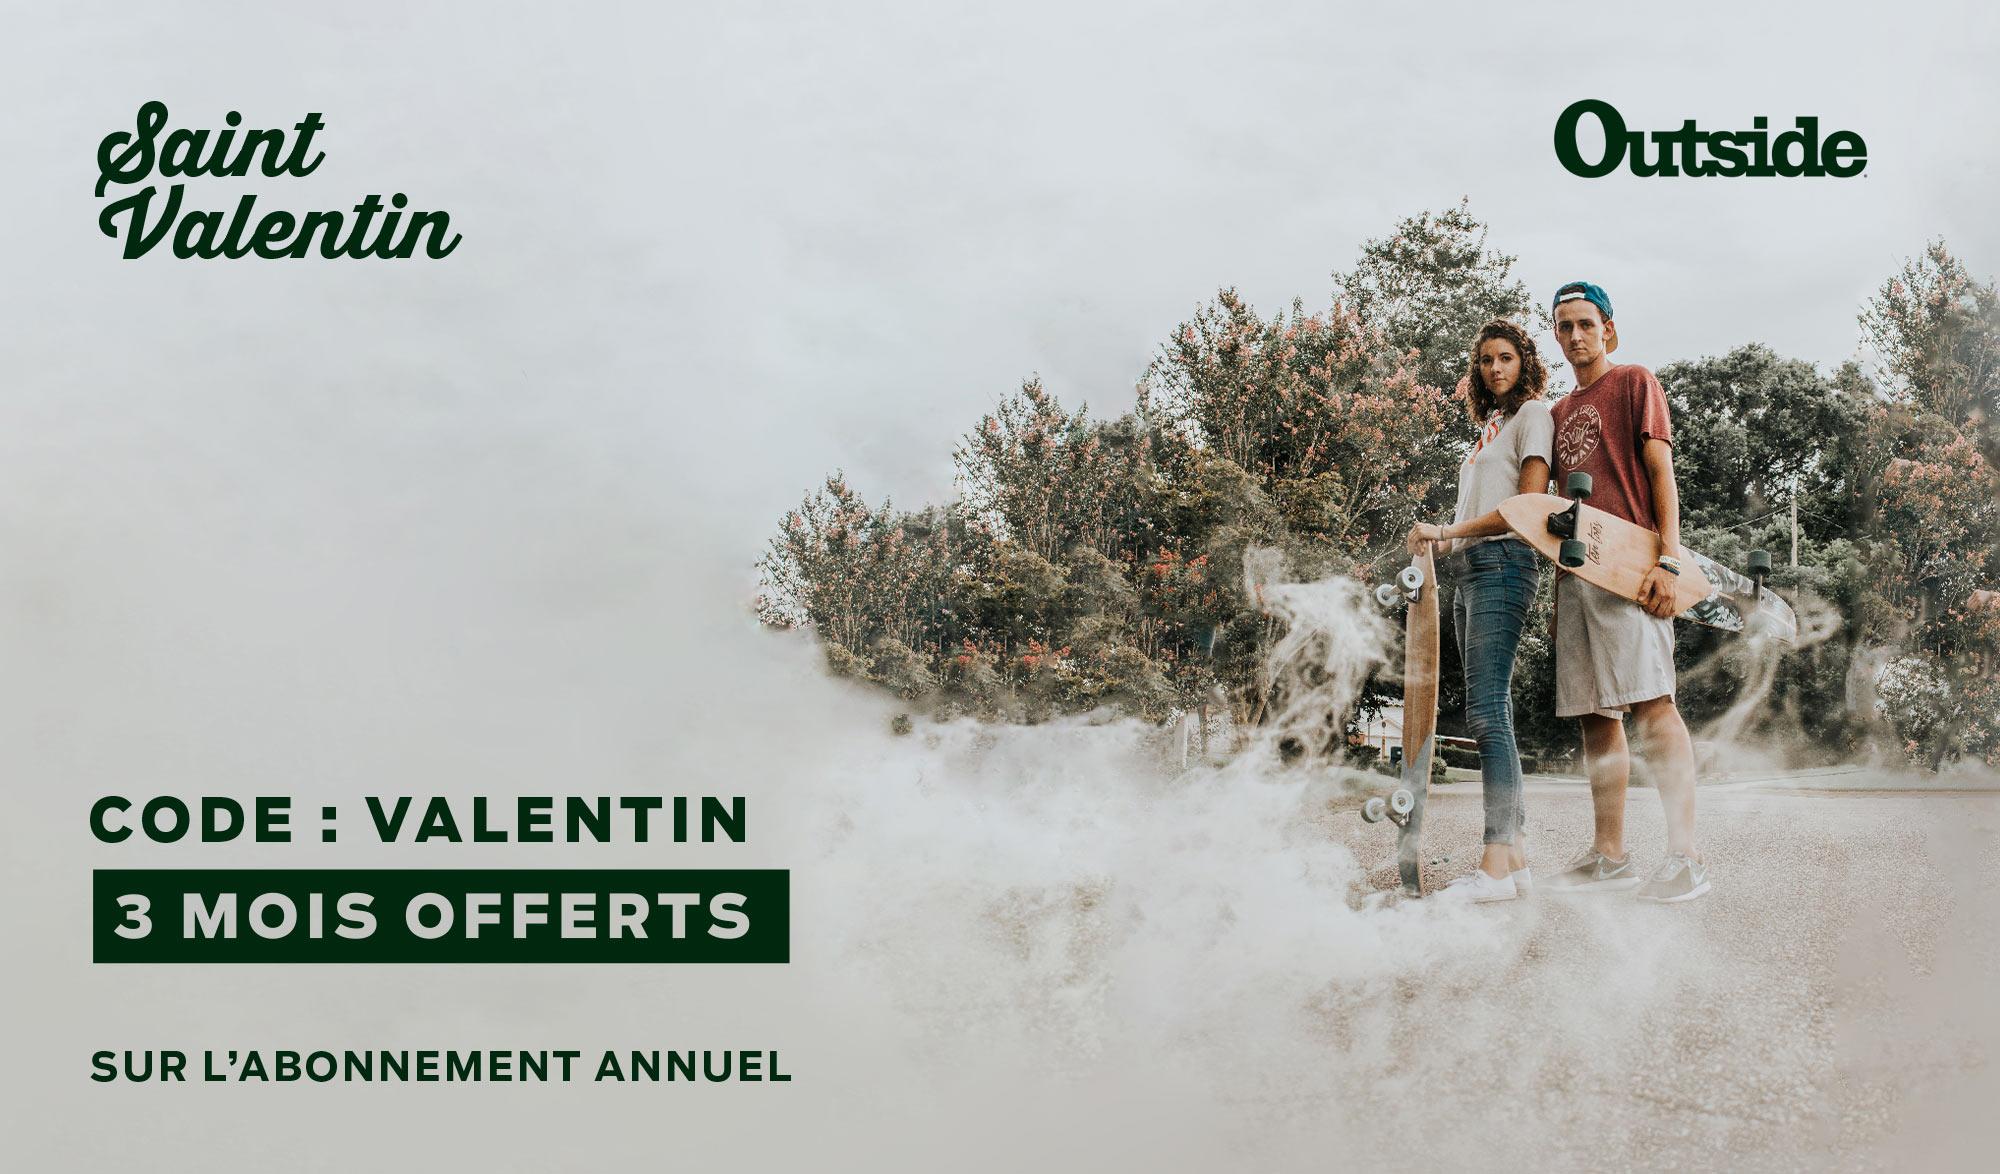 Outside : Offre Abonnement Saint-Valentin